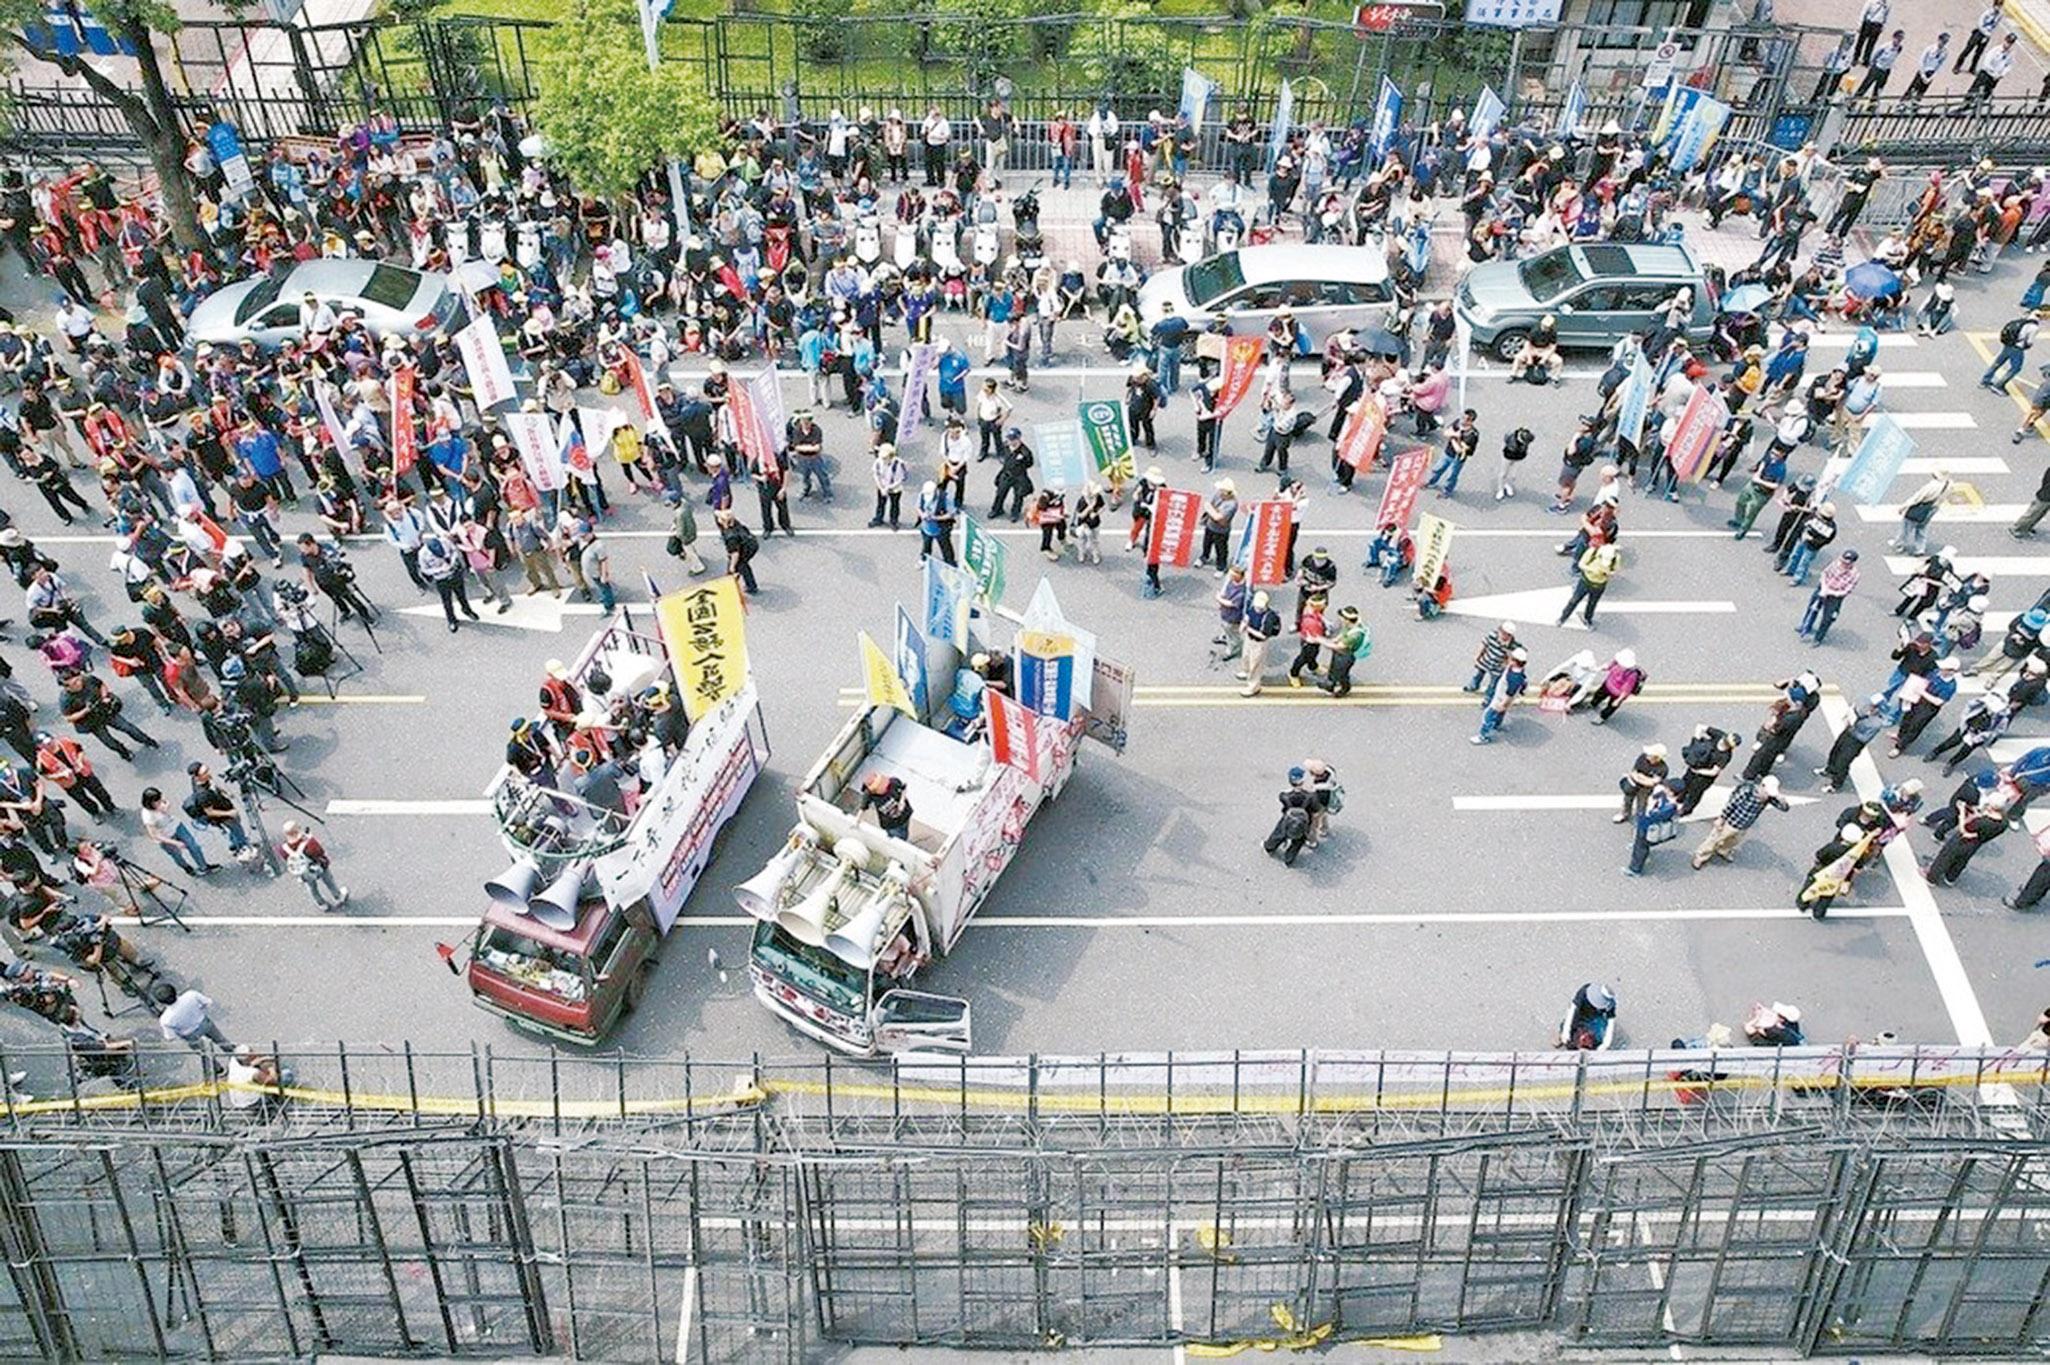 蔡英文:暴力不能阻擋改革